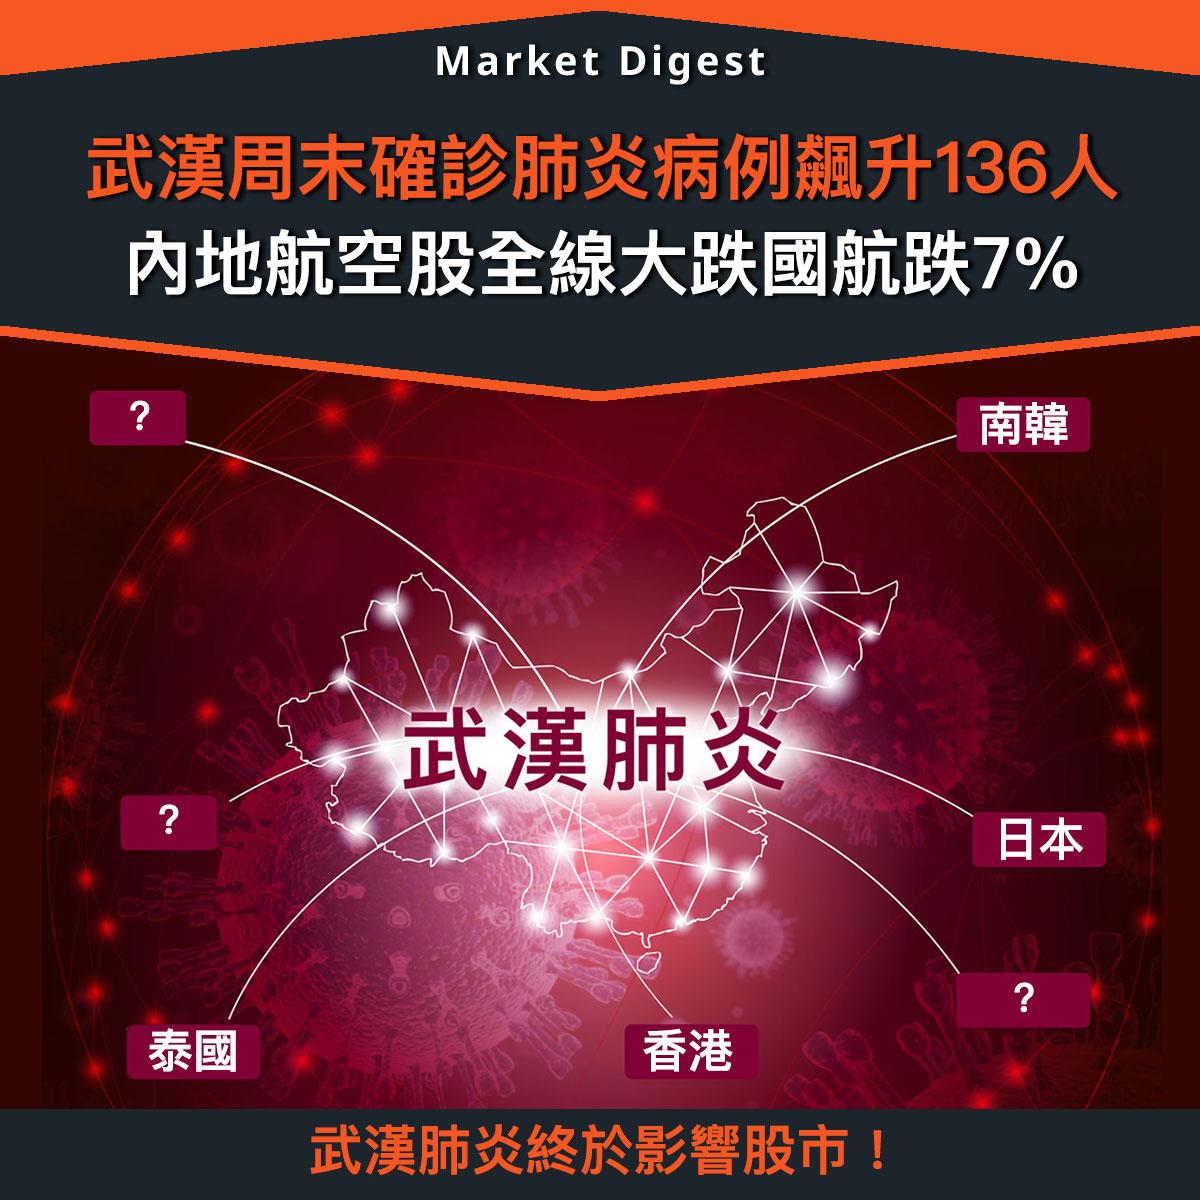 【市場熱話】武漢周末確診肺炎病例飆升136人,內地航空股全線大跌